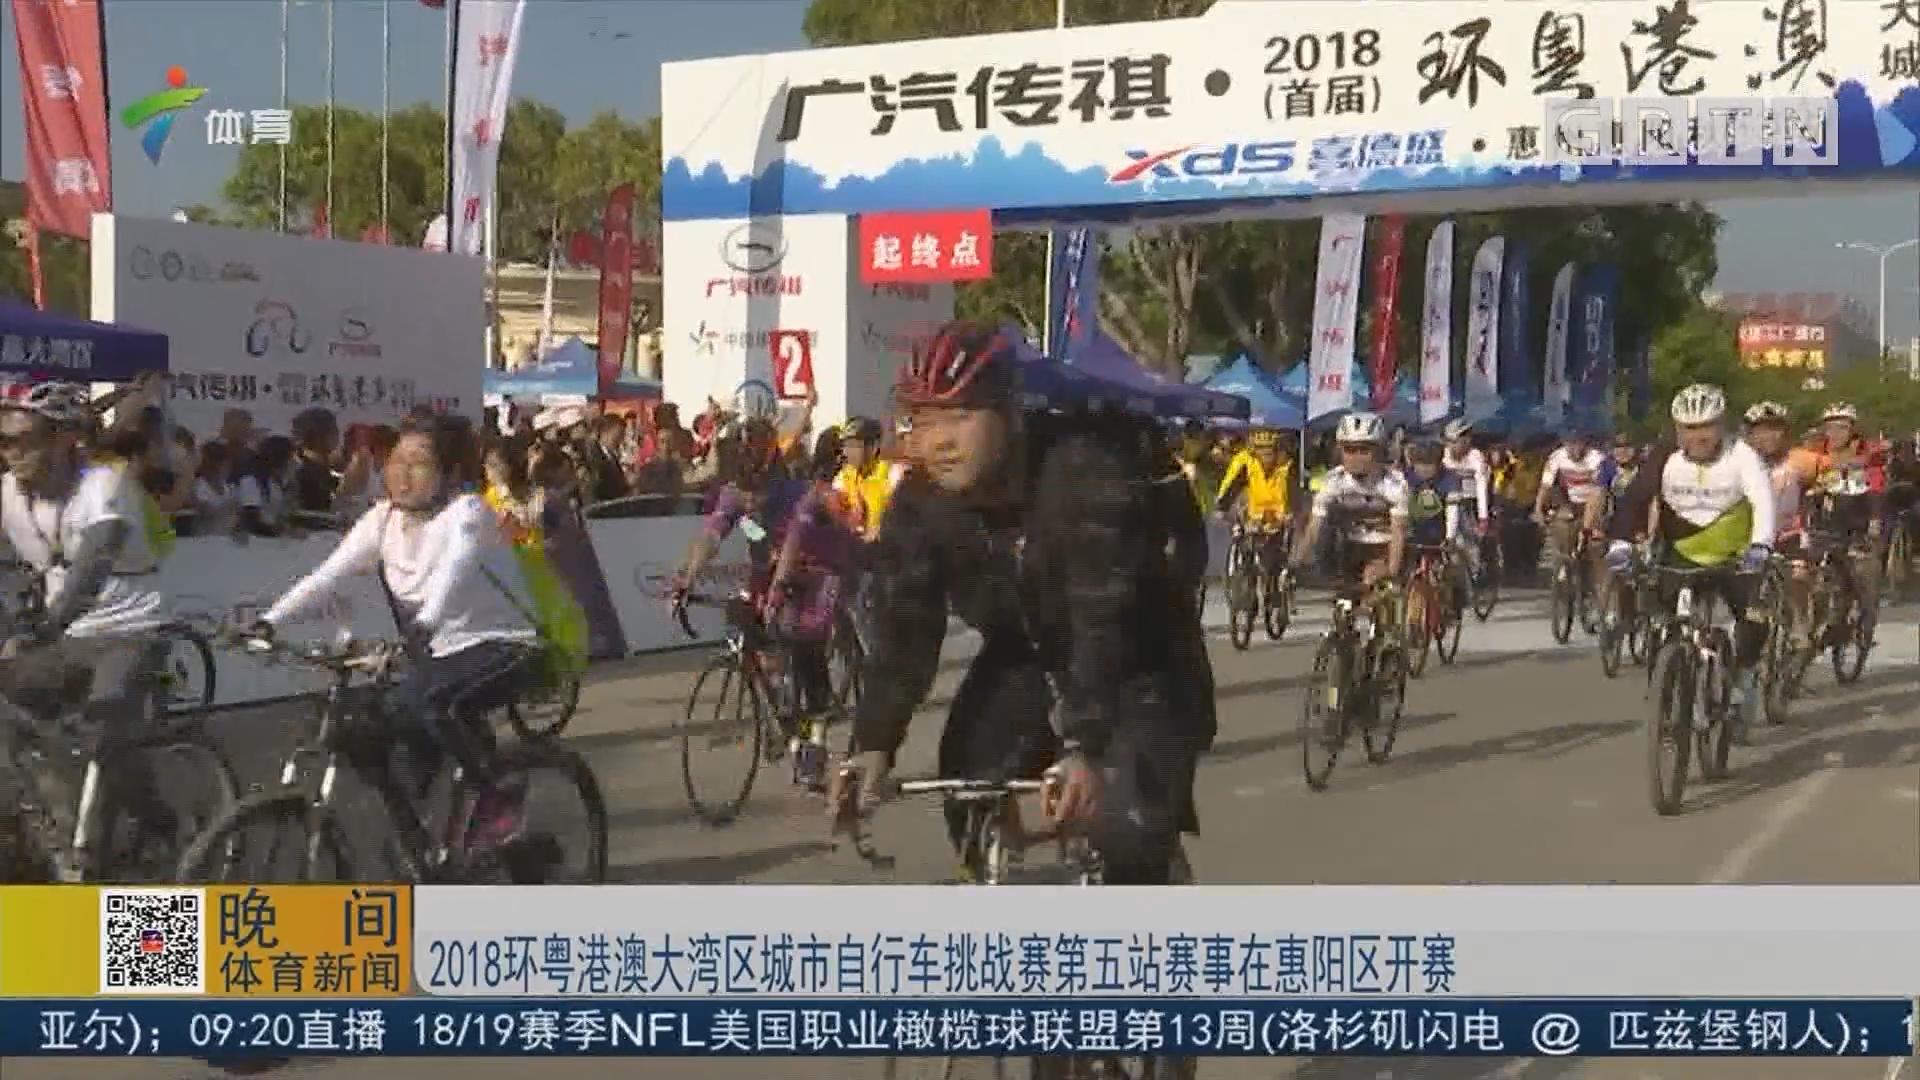 2018环粤港澳大湾区城市自行车挑战赛第五站赛事在惠阳区开赛